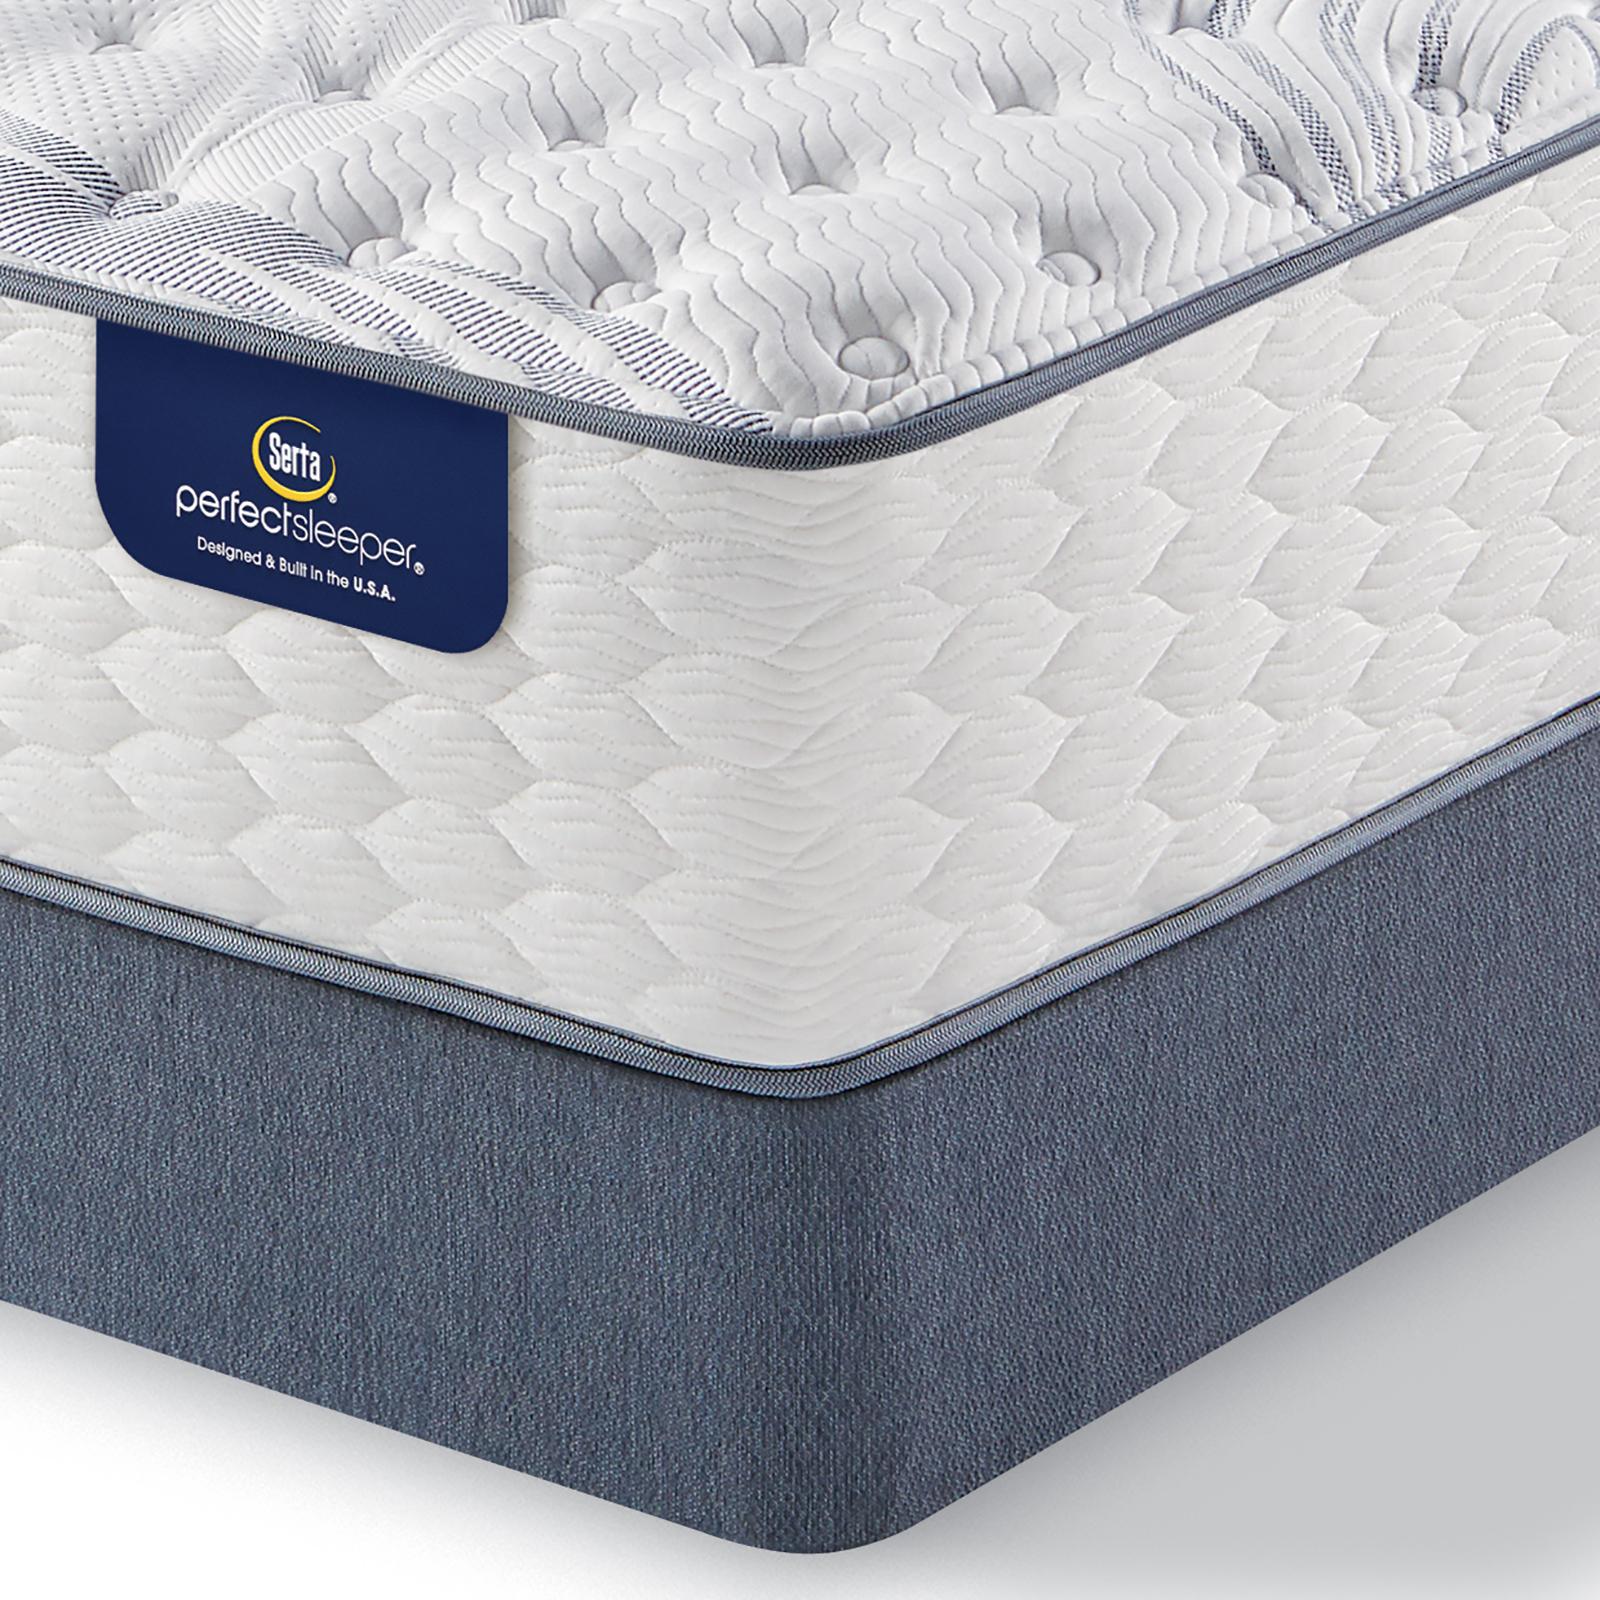 Serta Perfect Sleeper Ladywell Firm Twin Xl Mattress